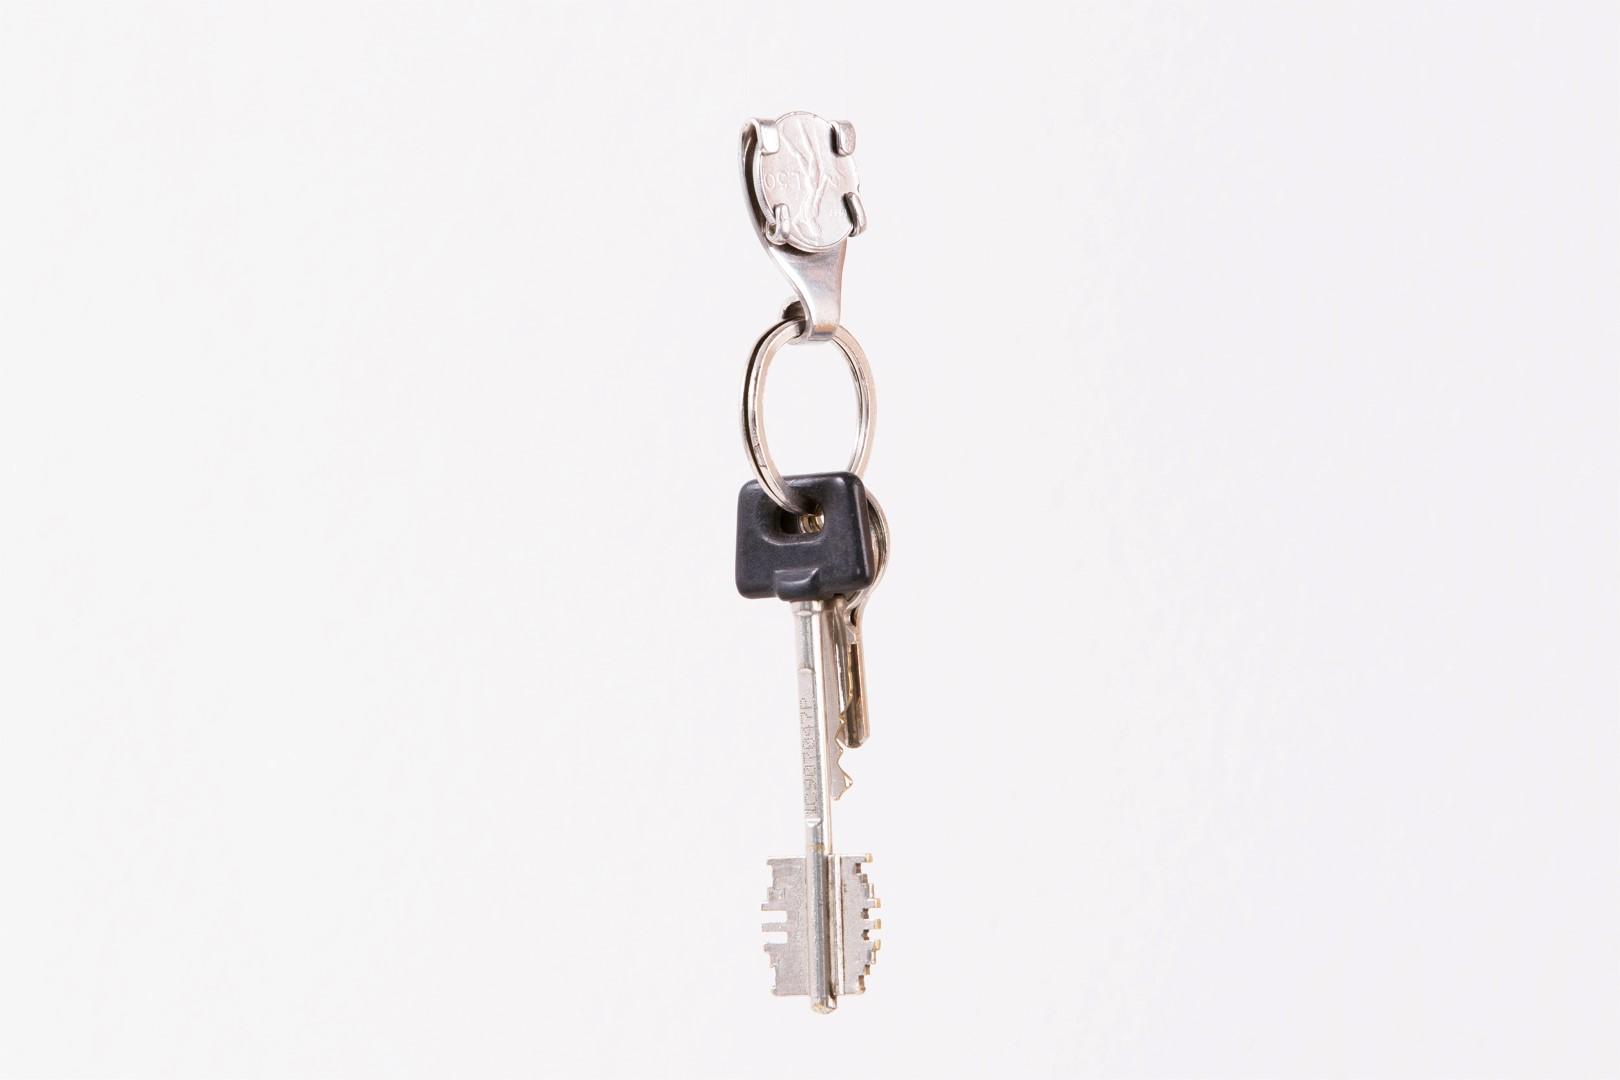 Agevolazioni prima casa studio notarile moccia a firenze ed impruneta - Agevolazioni prima casa ...